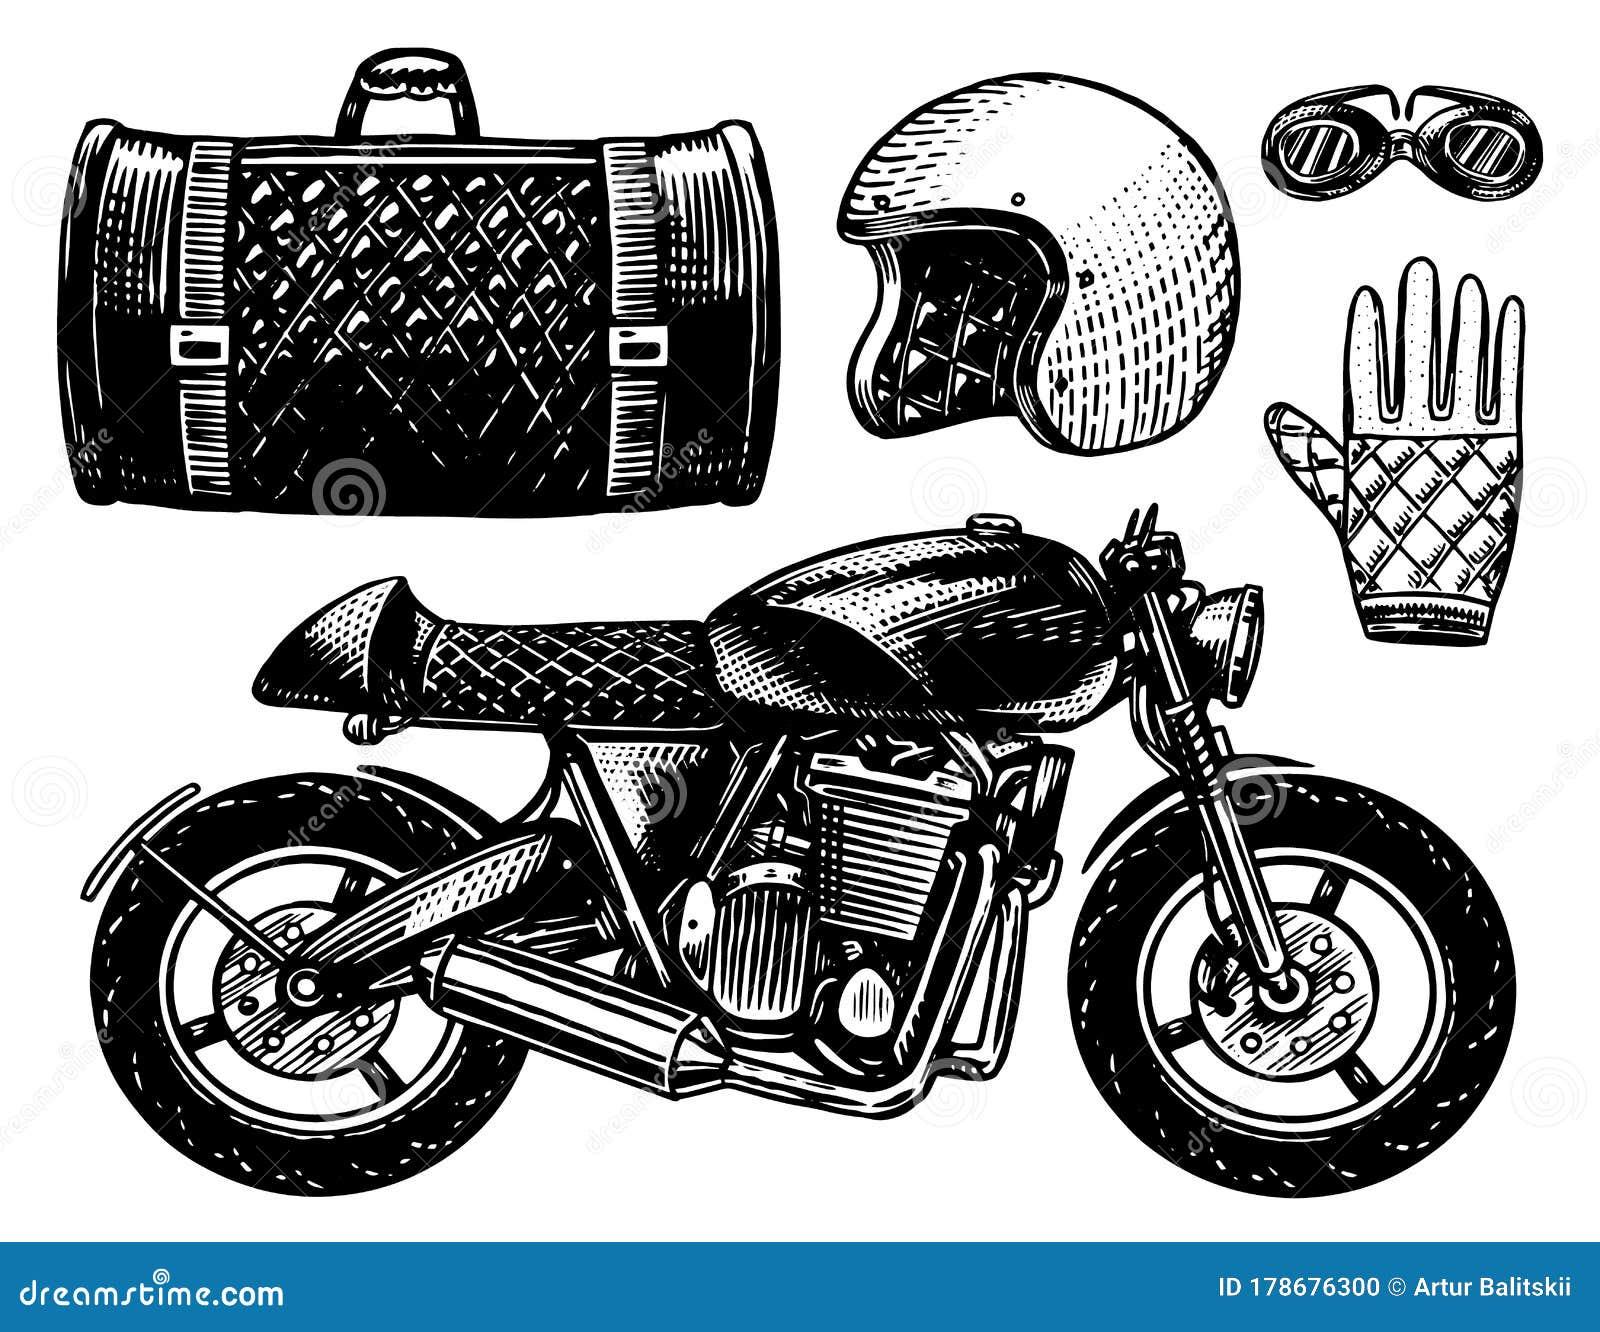 Helmet Bike Motor Stock Illustrations 7 366 Helmet Bike Motor Stock Illustrations Vectors Clipart Dreamstime